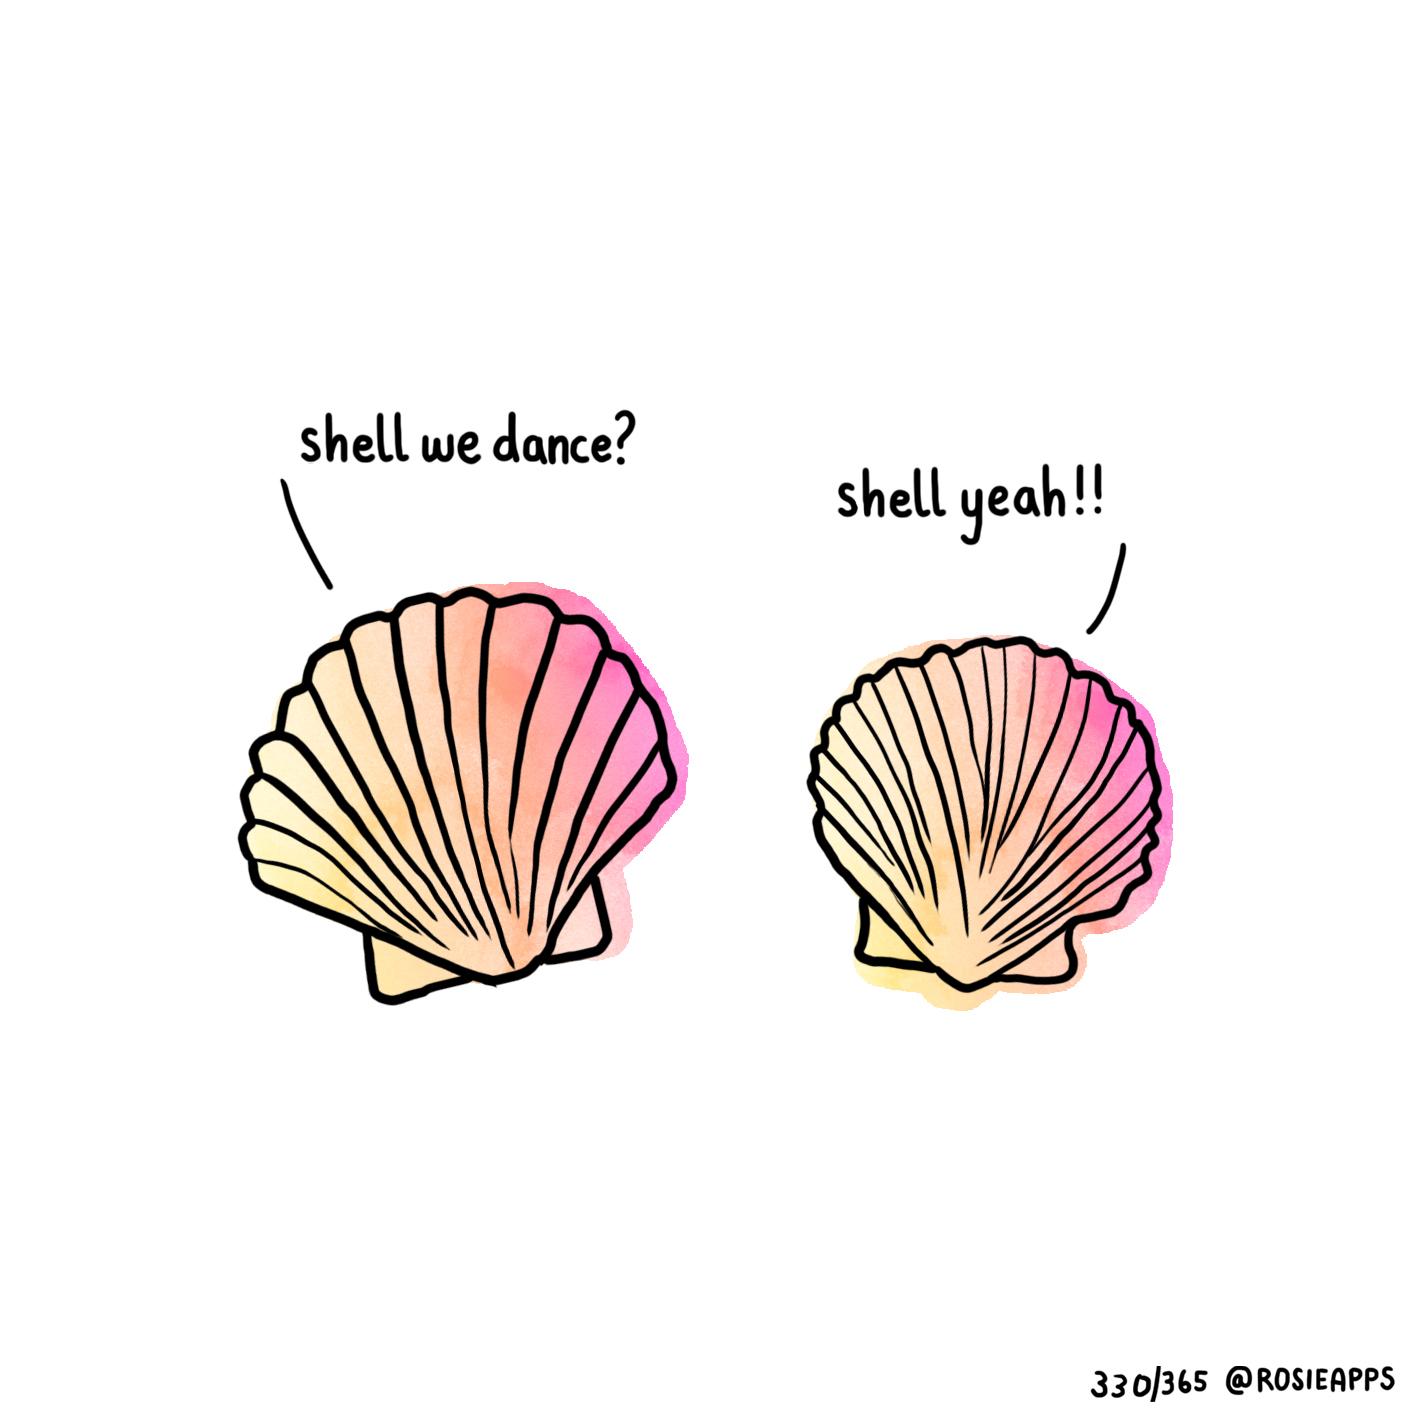 November-330-365 shells.jpg